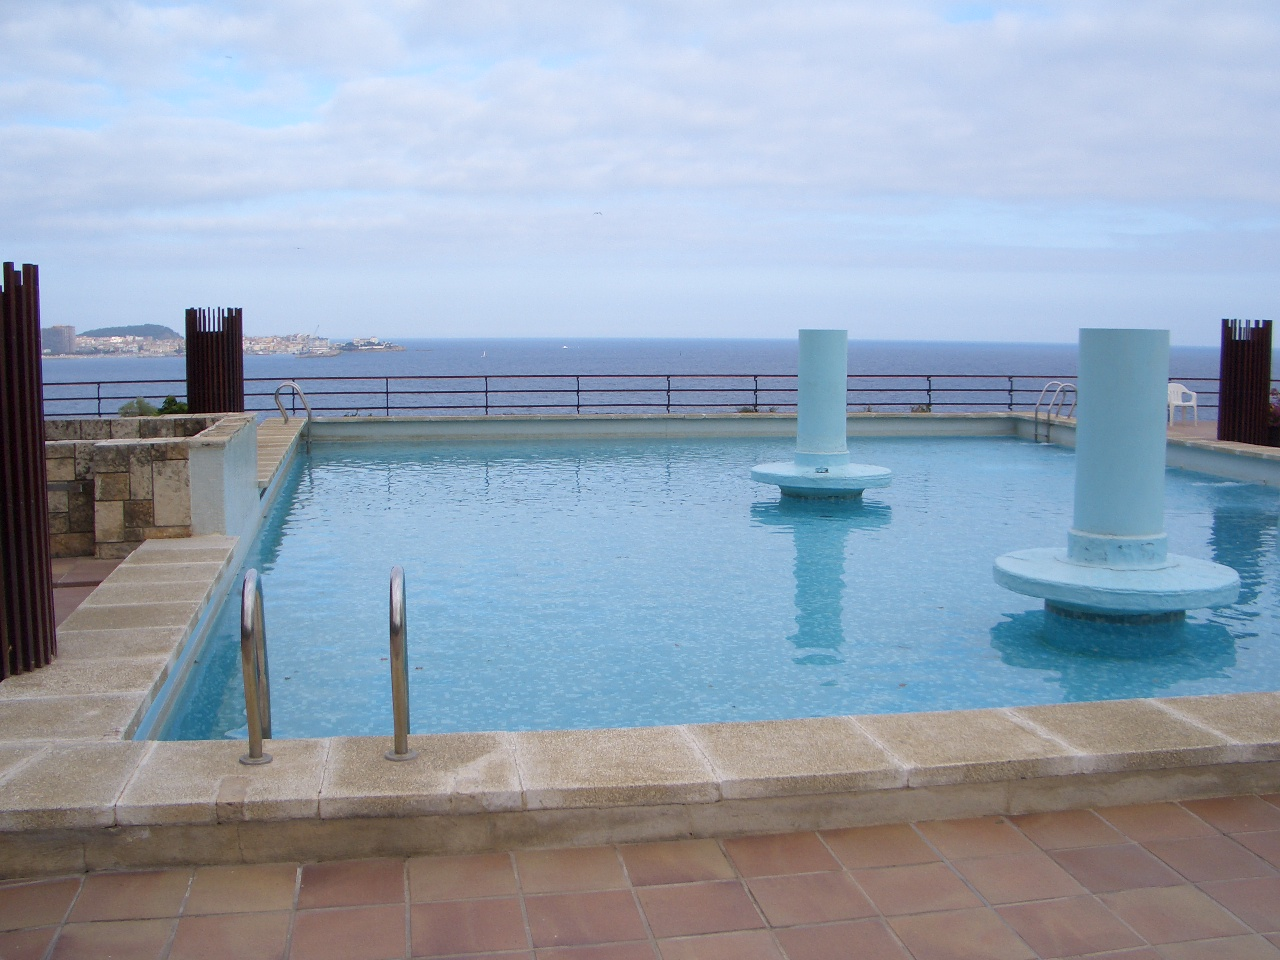 Accesorios reindesa mantenimiento de piscinas for Accesorios piscina